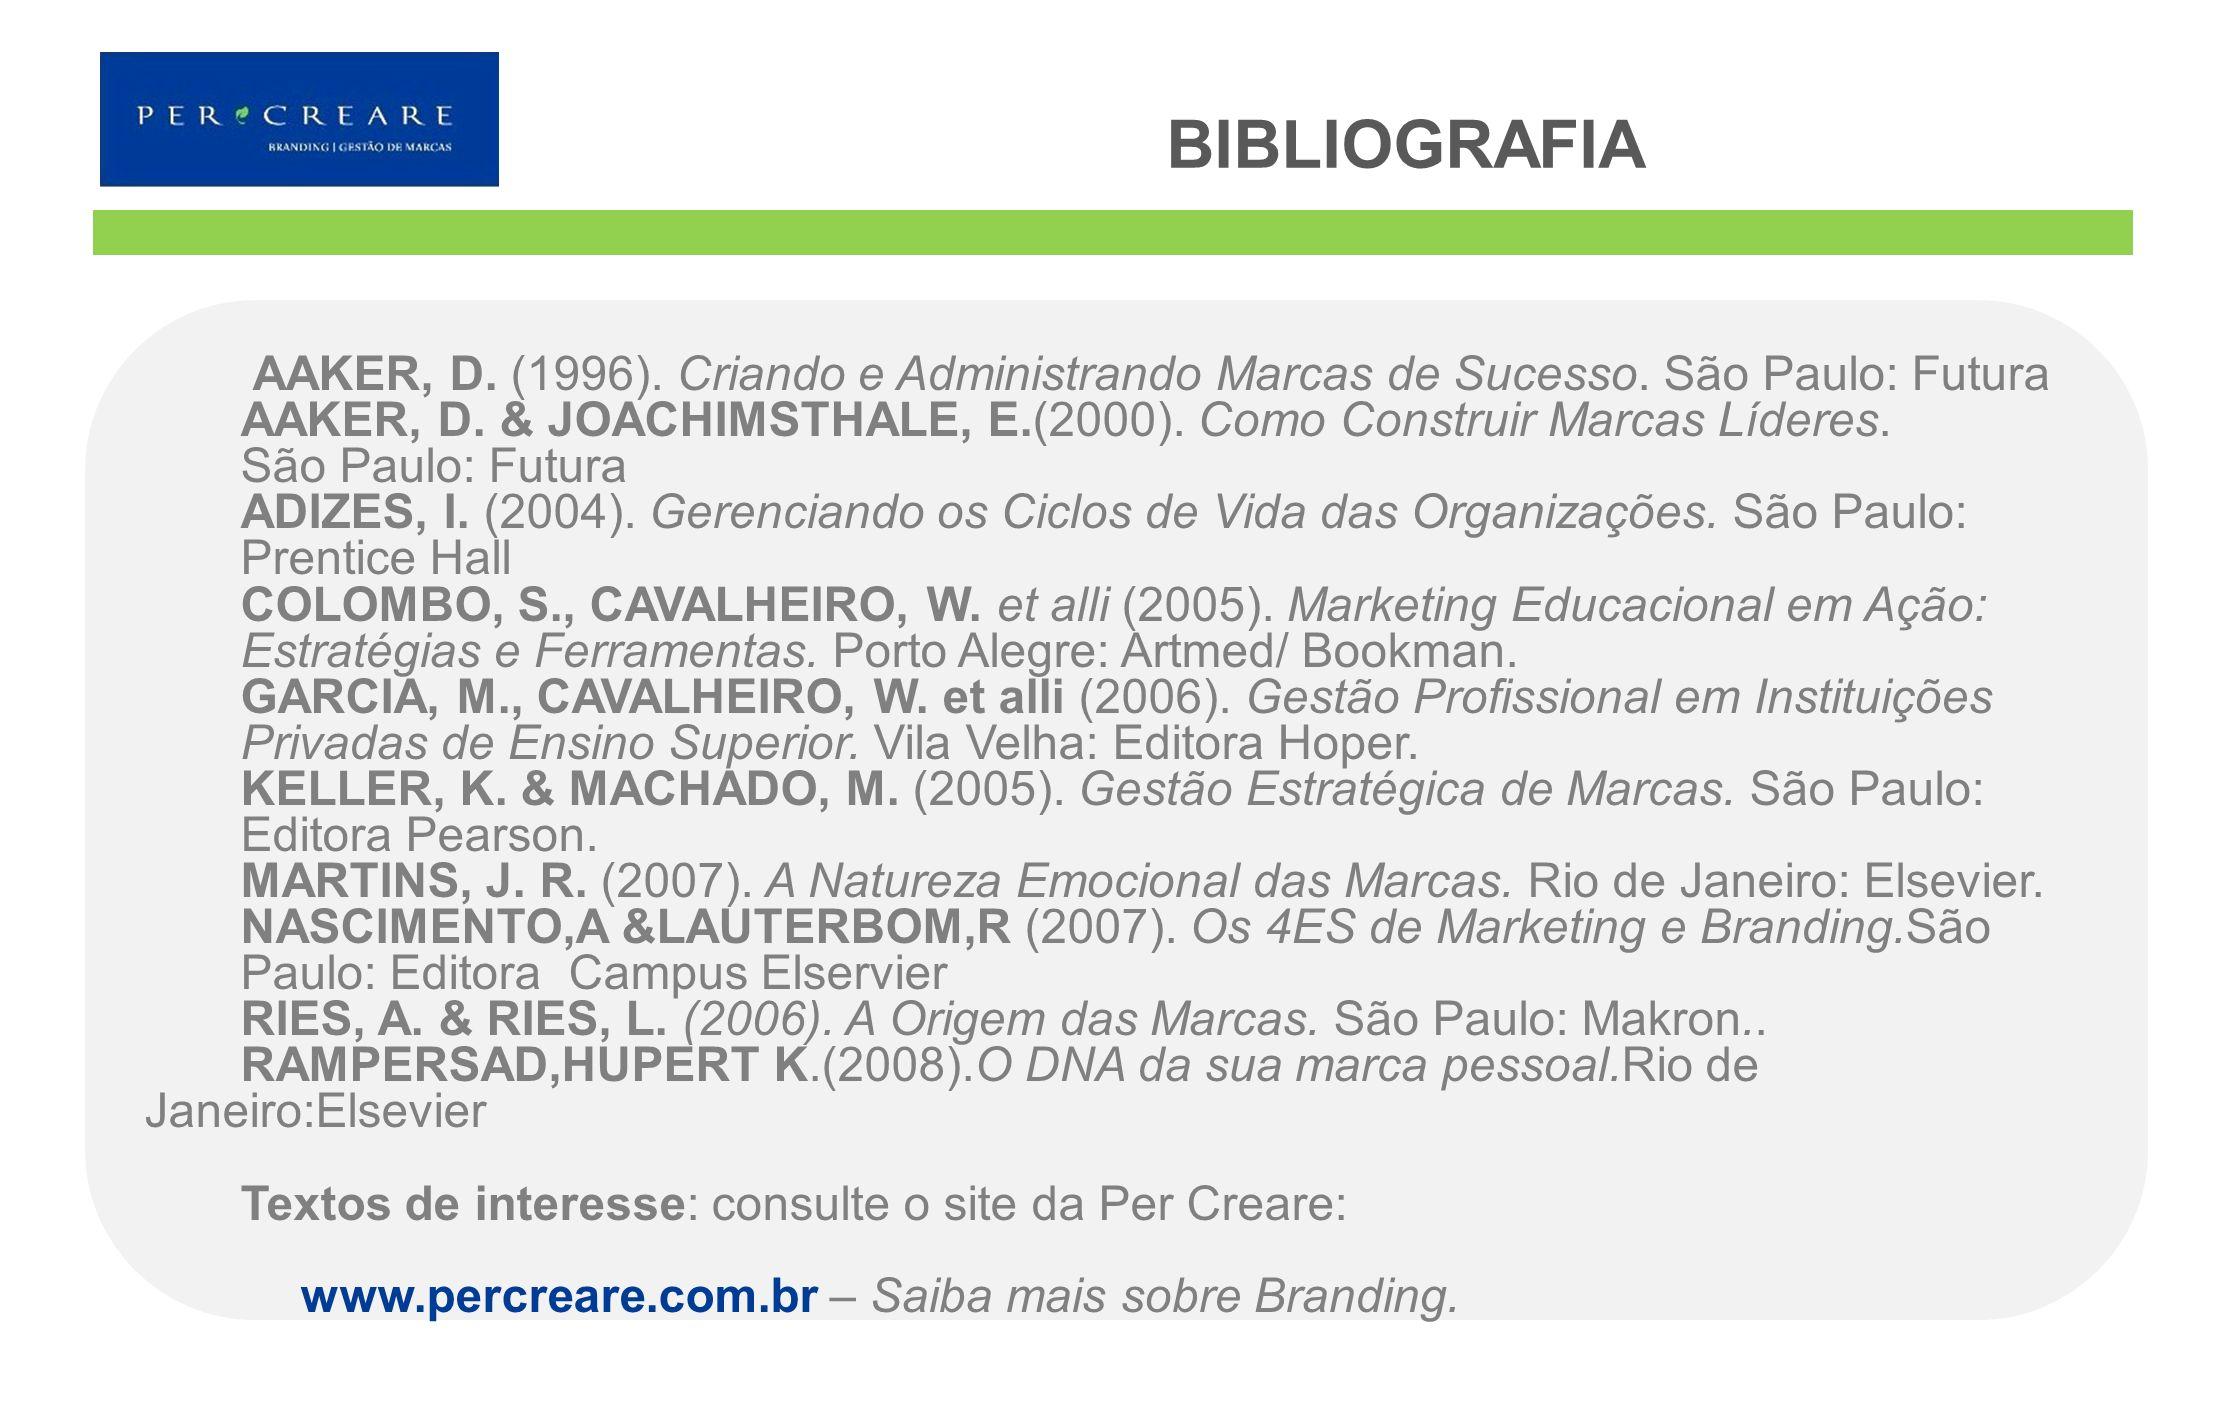 BIBLIOGRAFIA AAKER, D. (1996). Criando e Administrando Marcas de Sucesso. São Paulo: Futura.